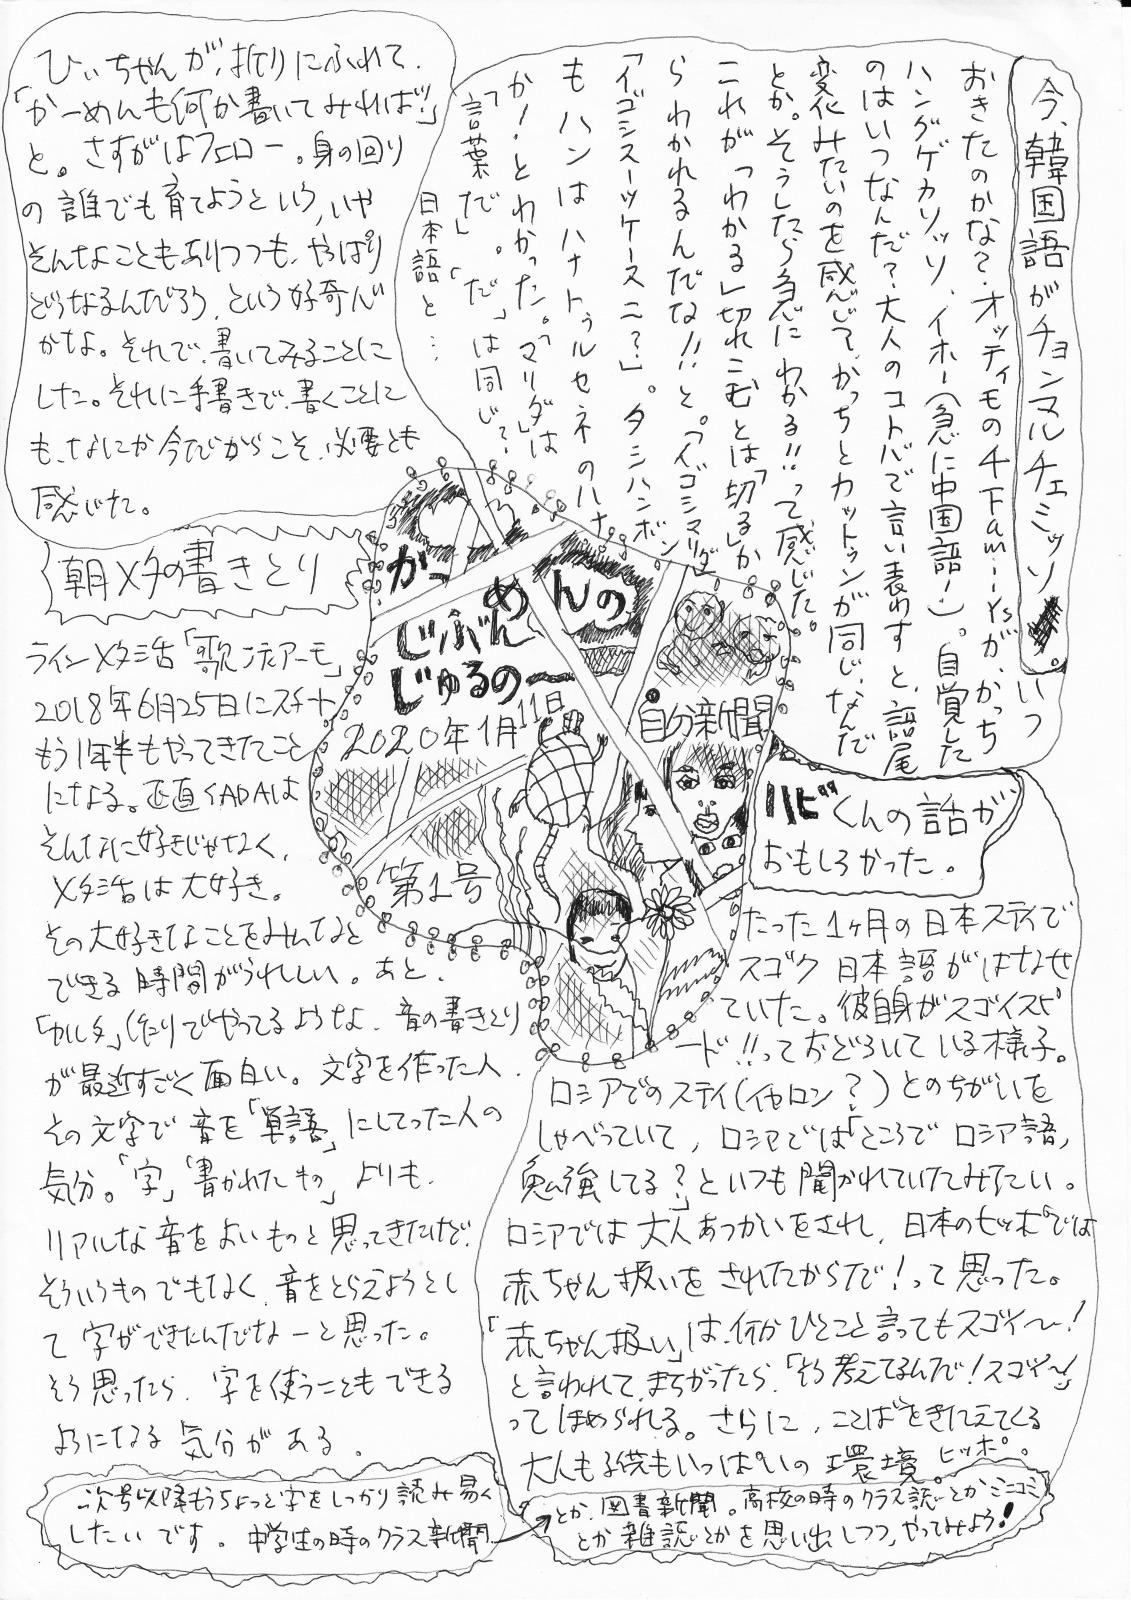 http://yoyamazaki.jp/blog/blog/%E3%81%B0%E3%81%8B%E3%83%BC%E3%82%81%E3%82%93%E3%81%98%E3%82%85%E3%82%8B%E3%81%AE1.jpg